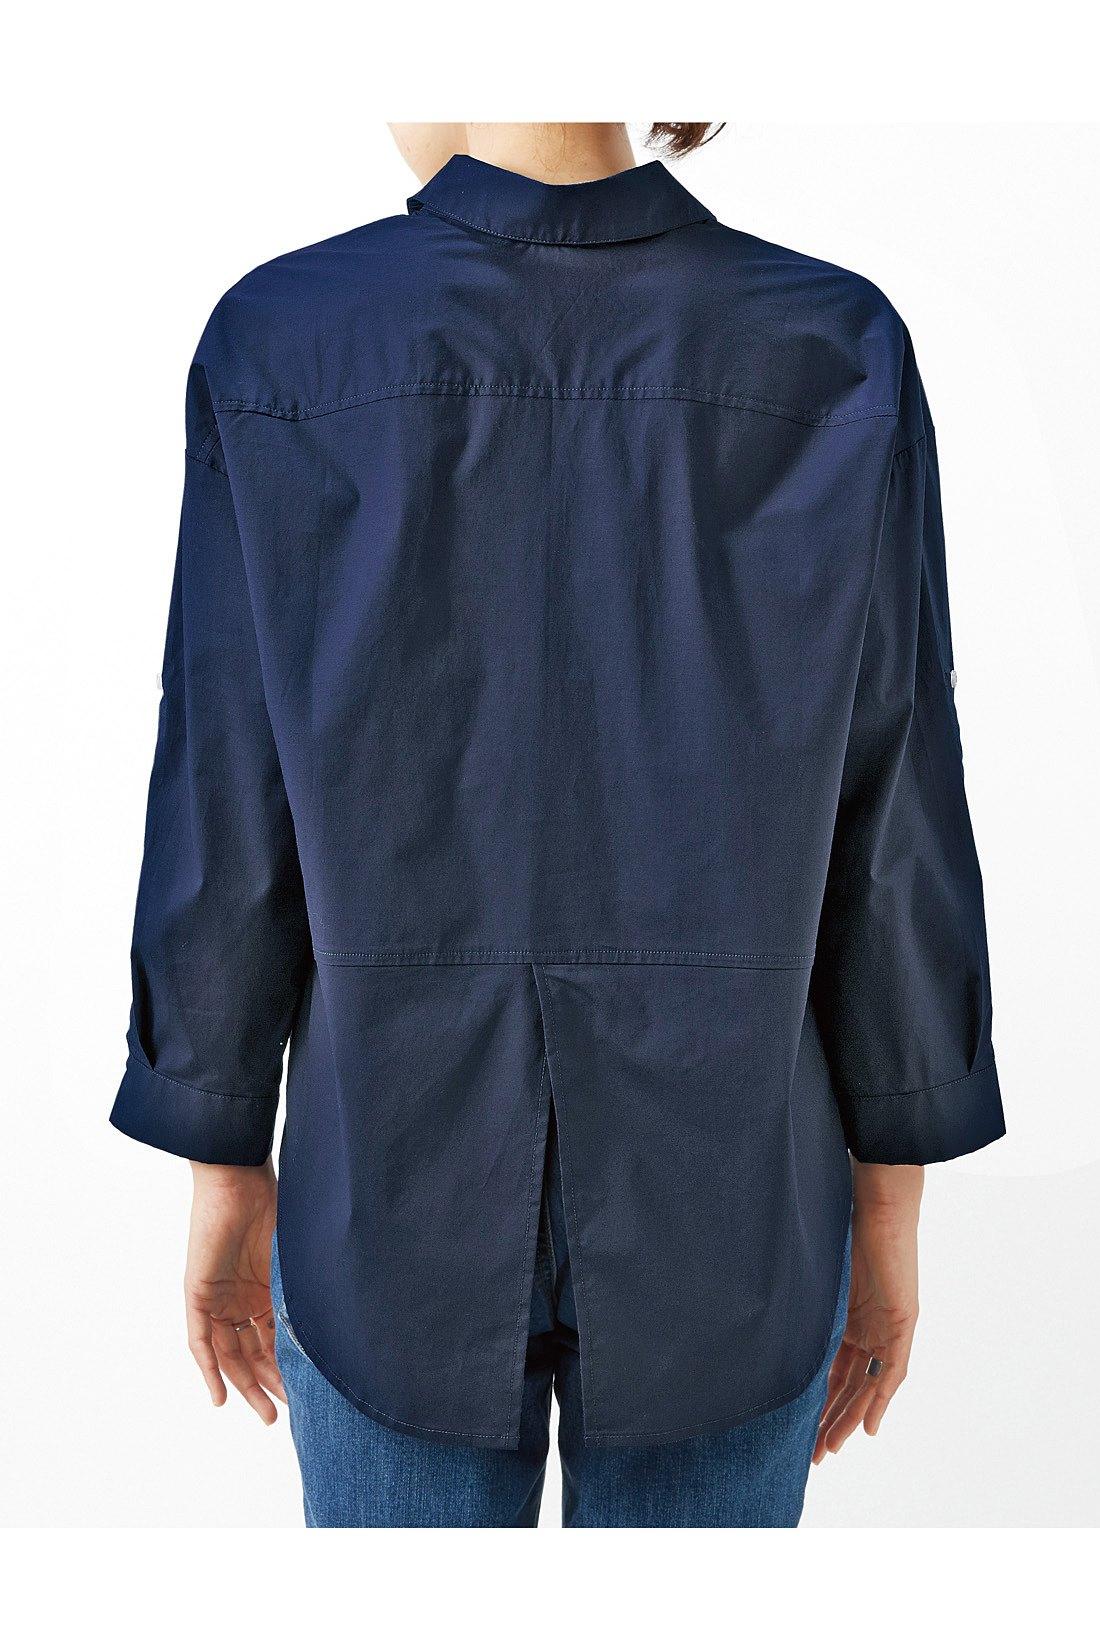 ゆるっとした背中のシルエットとすそのスリットで、後ろ姿も様になります。※お届けするカラーとは異なります。